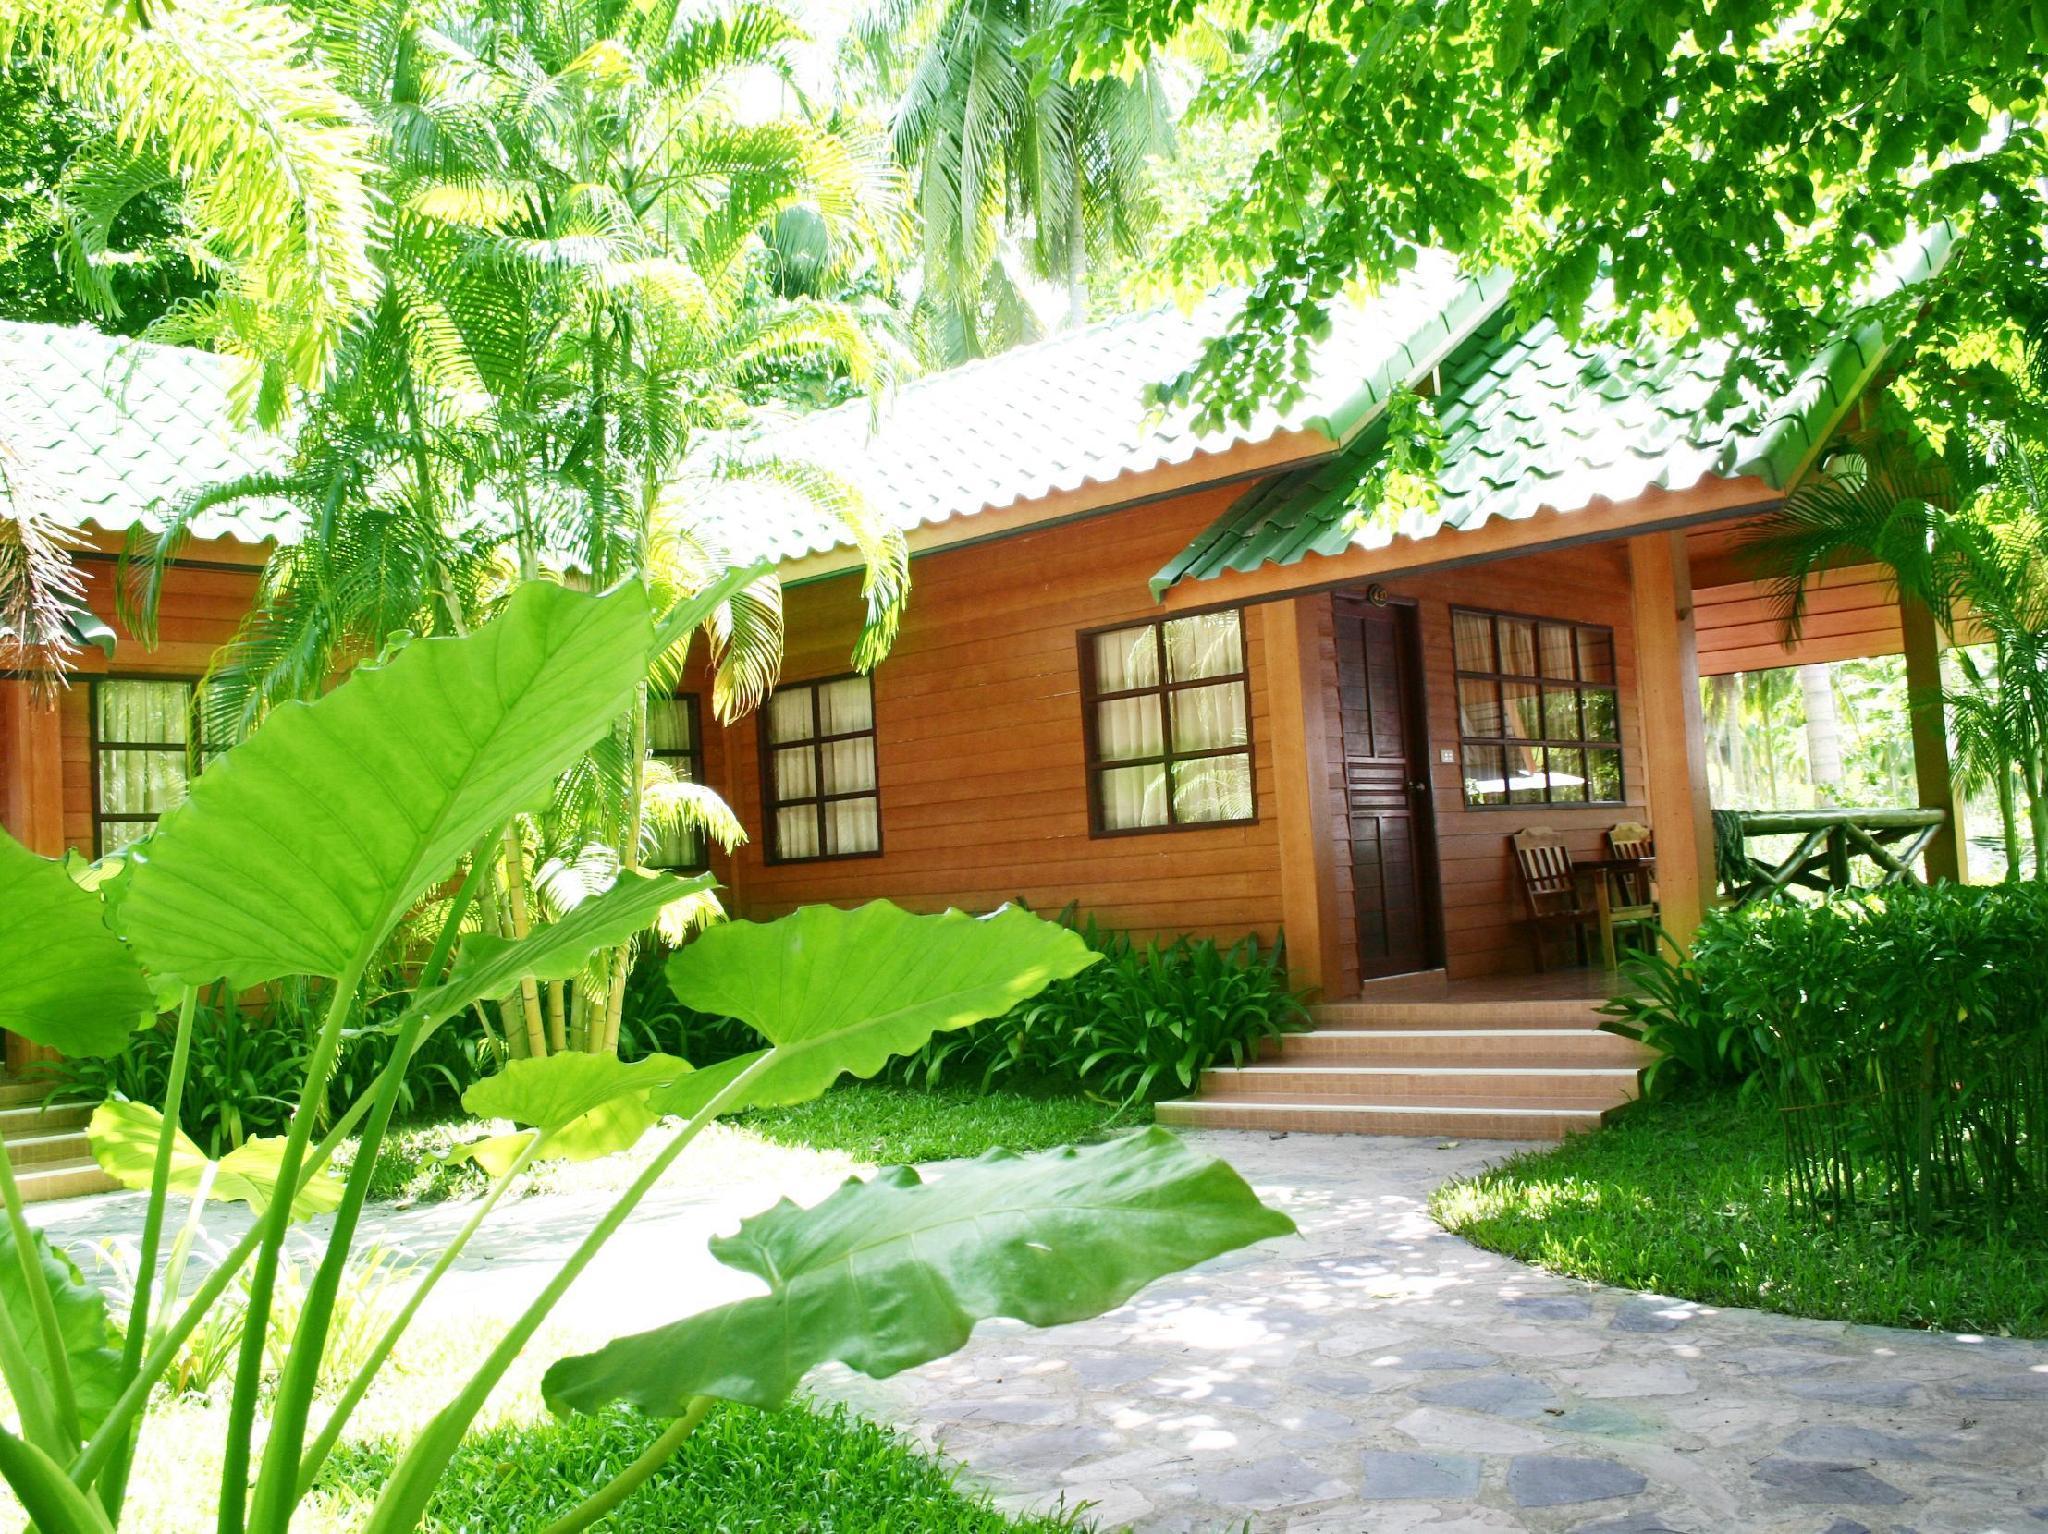 Bankrut Green View Resort - Hotell och Boende i Thailand i Asien